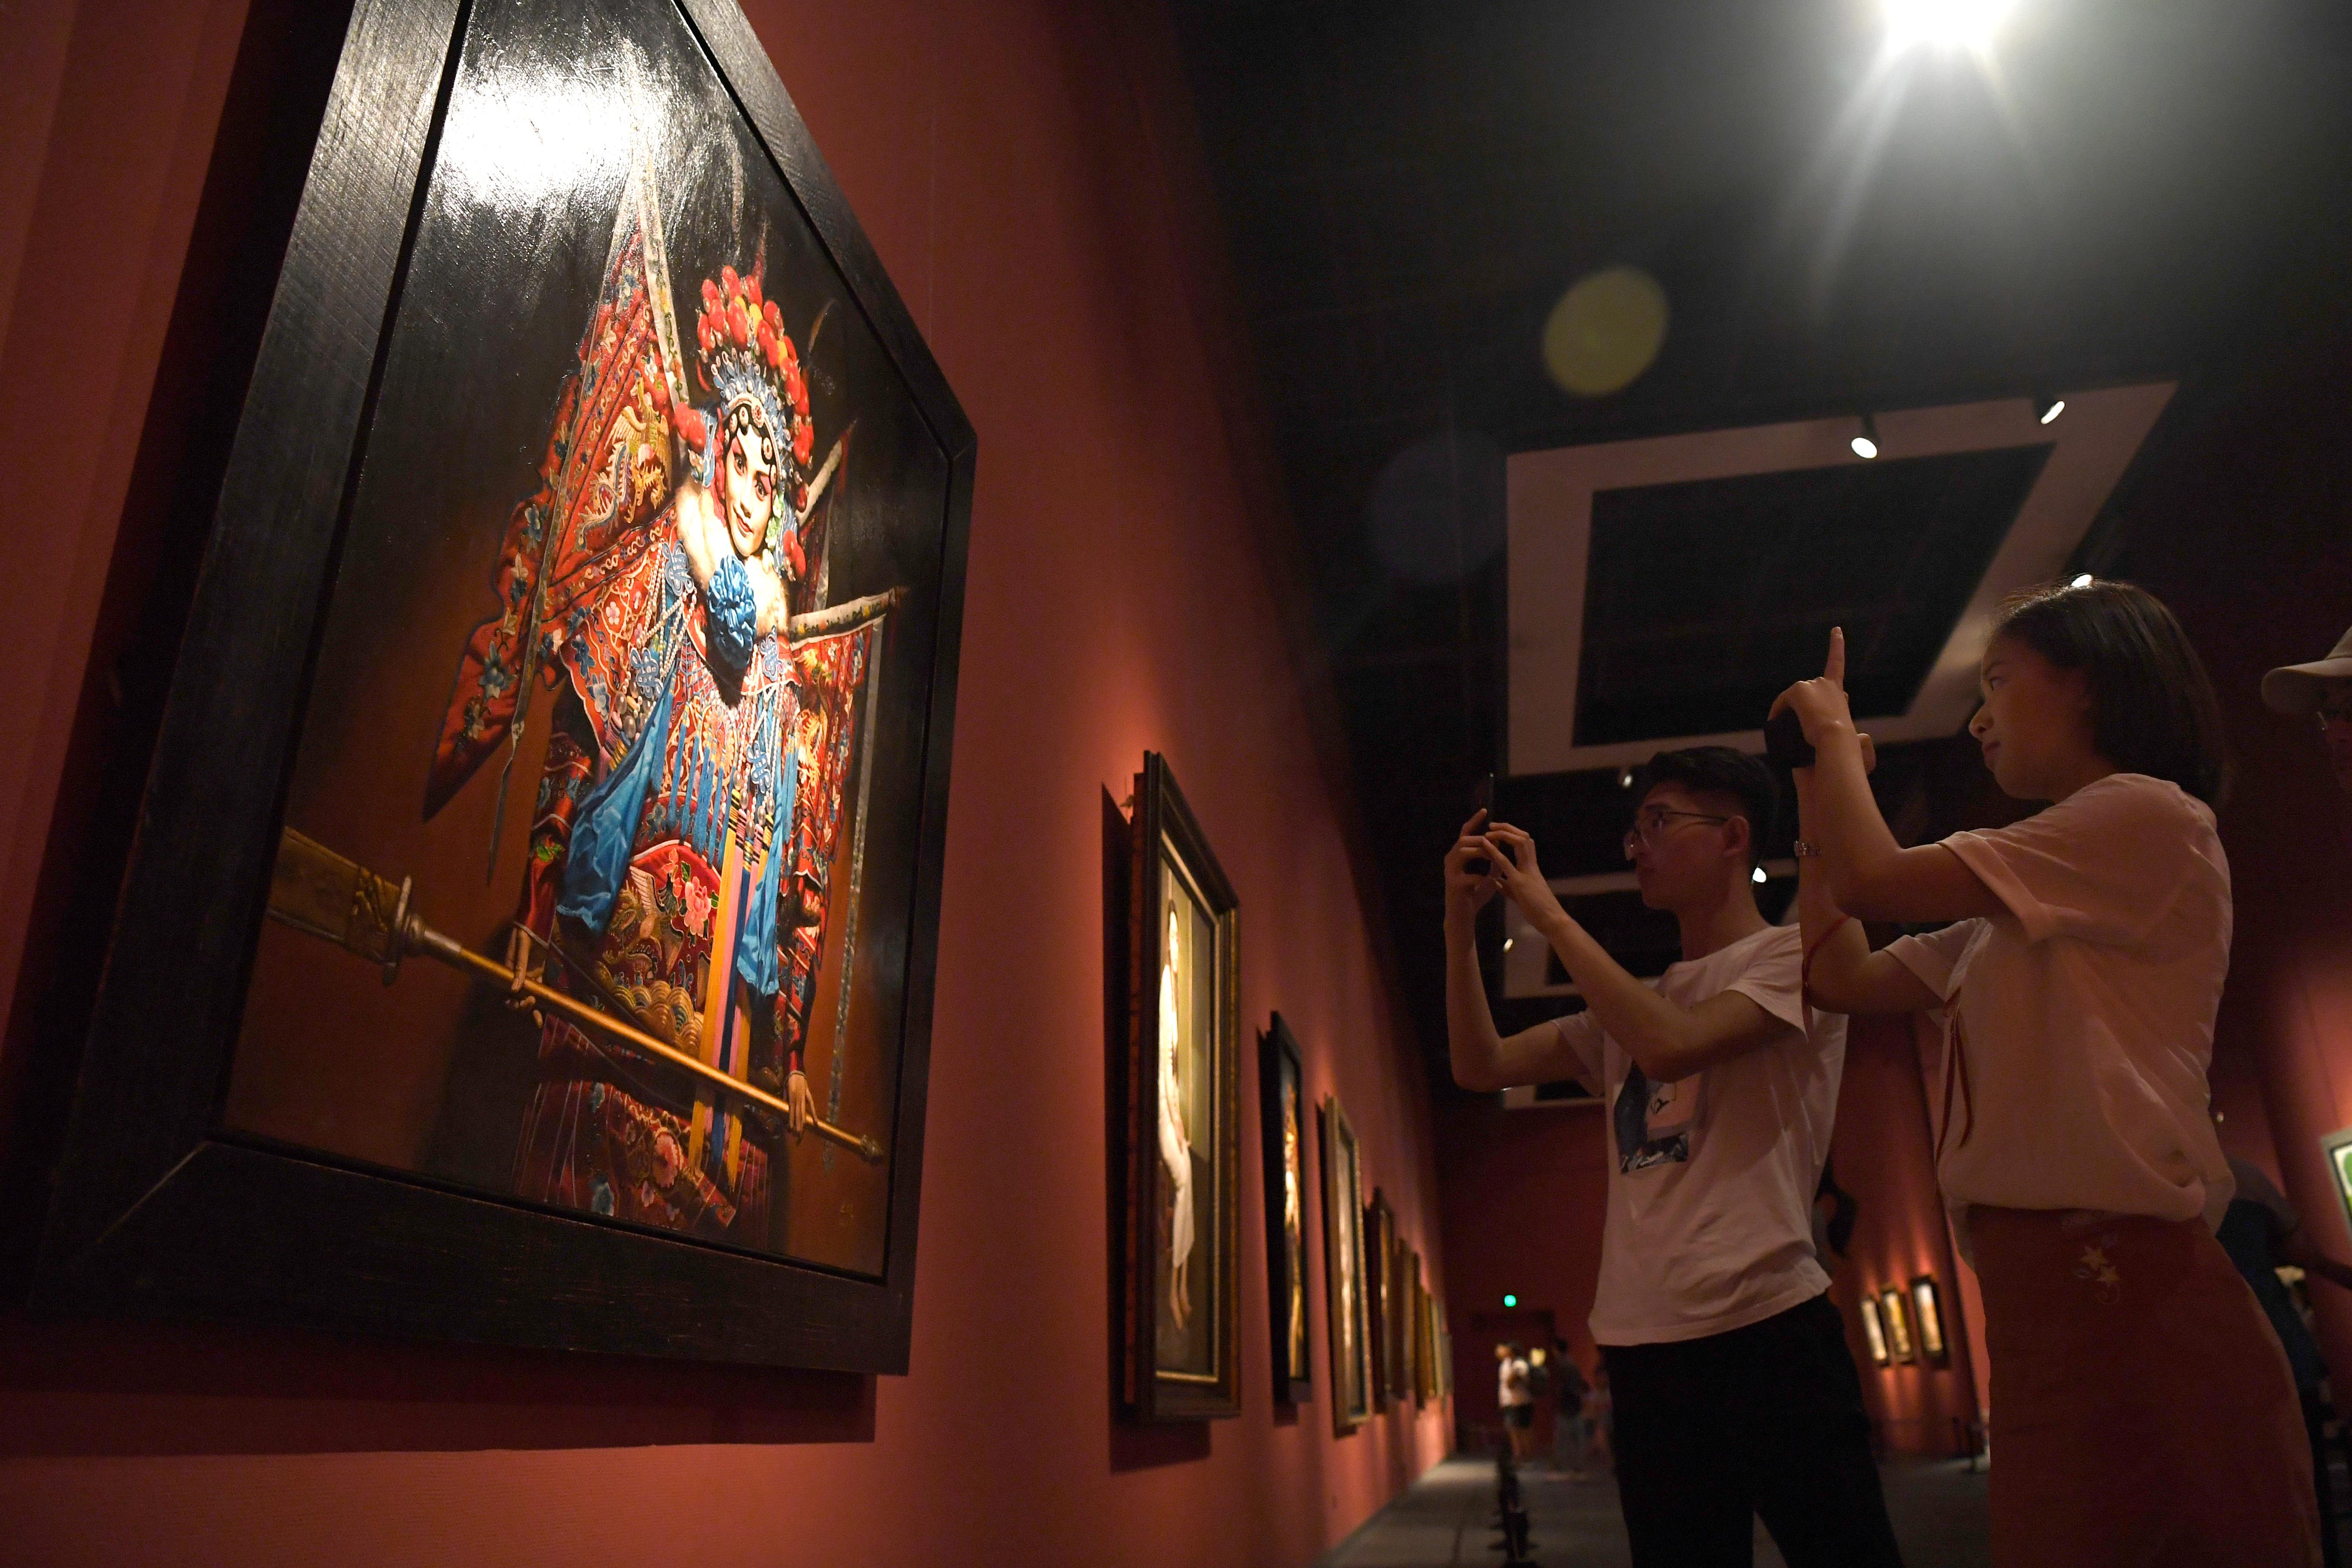 让艺术回归真实 王力克油画艺术展在山东美术馆开展